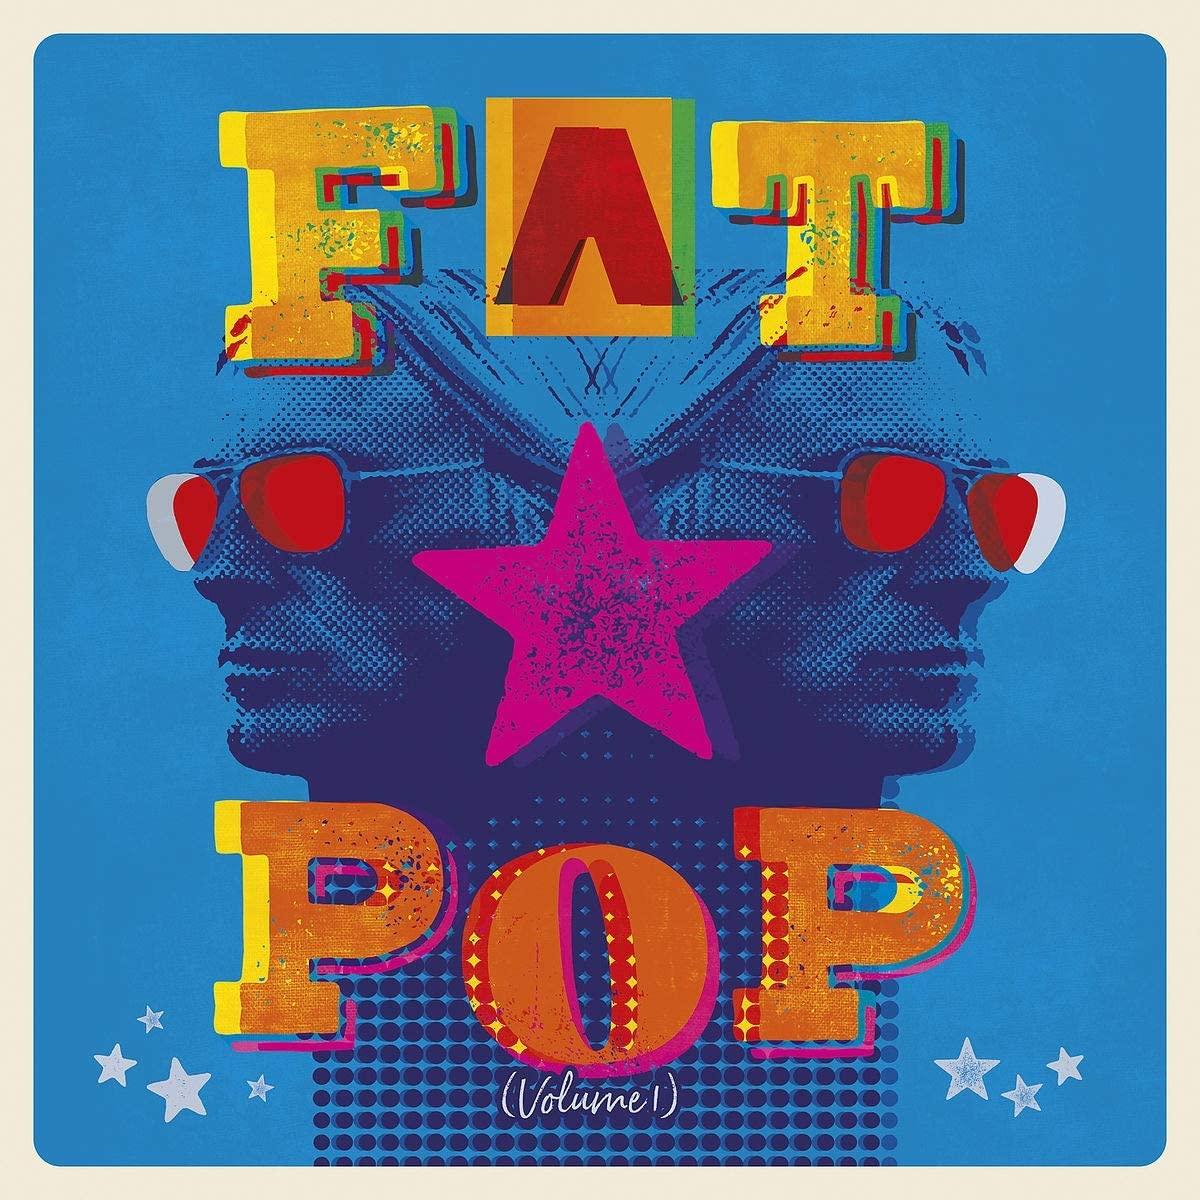 Copertina Vinile 33 giri Fat Pop (Volume 1) di Paul Weller